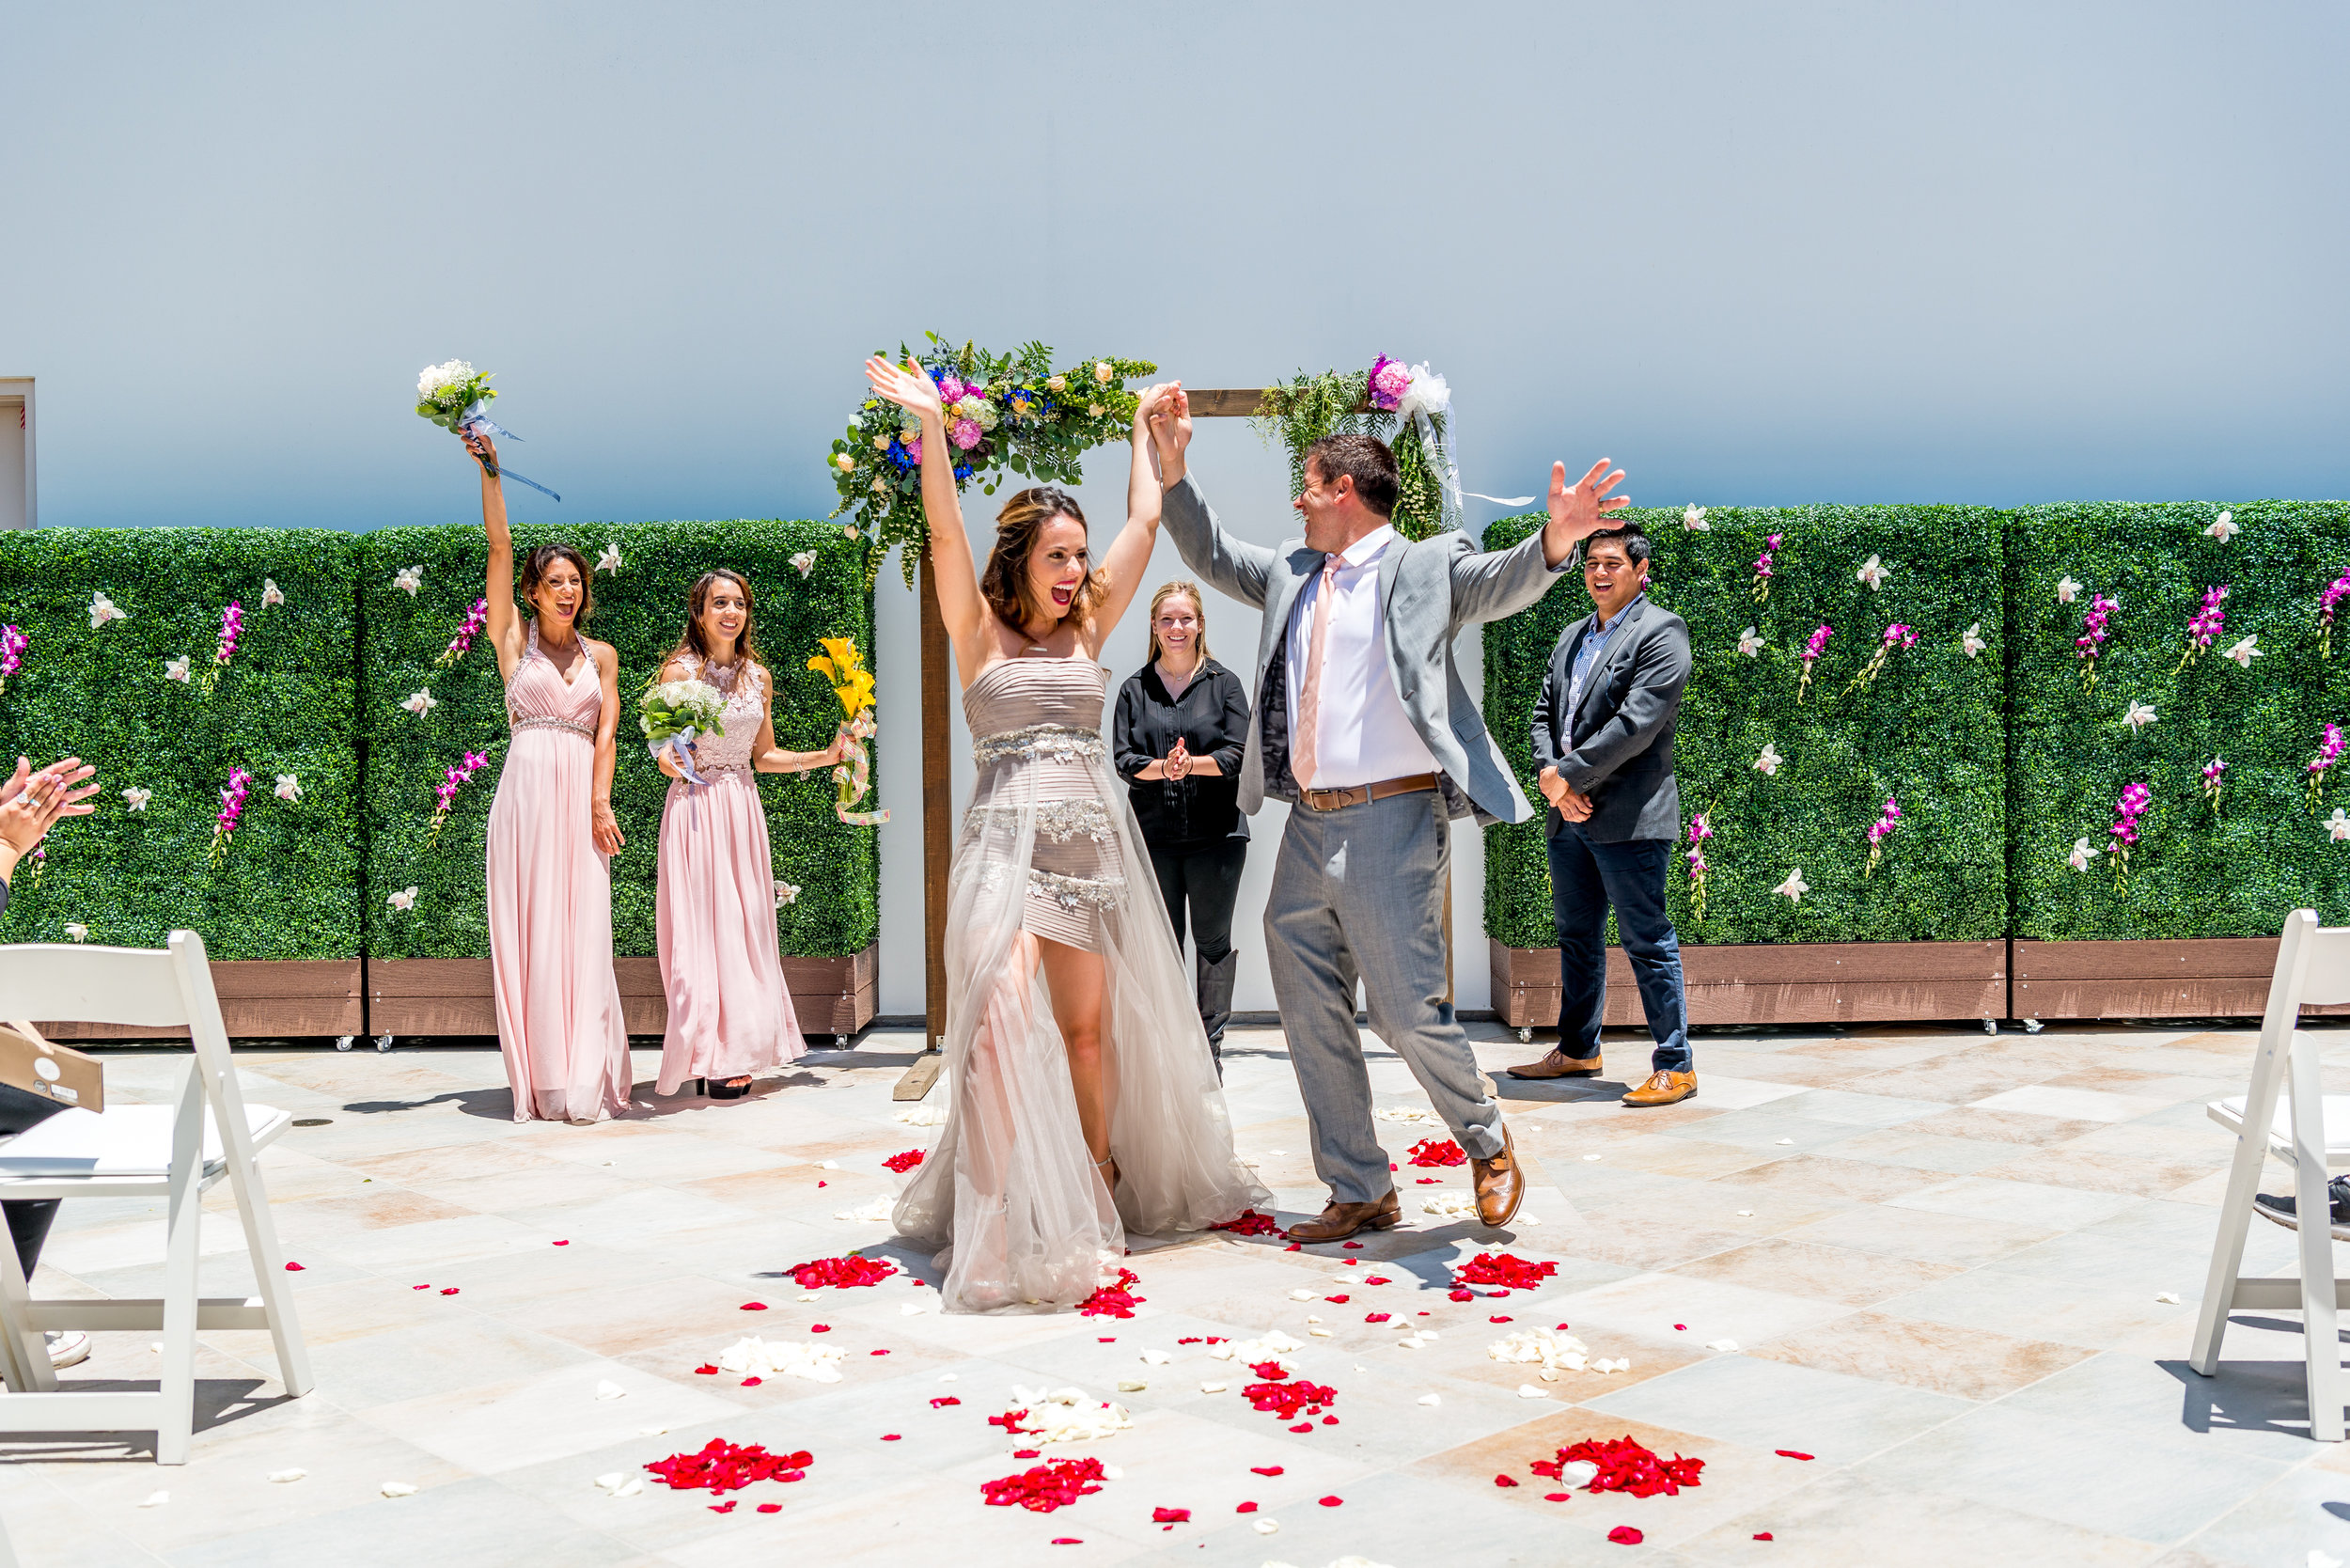 The_Centre_Escondido_Weddings_Emry_Photography_0277.jpg